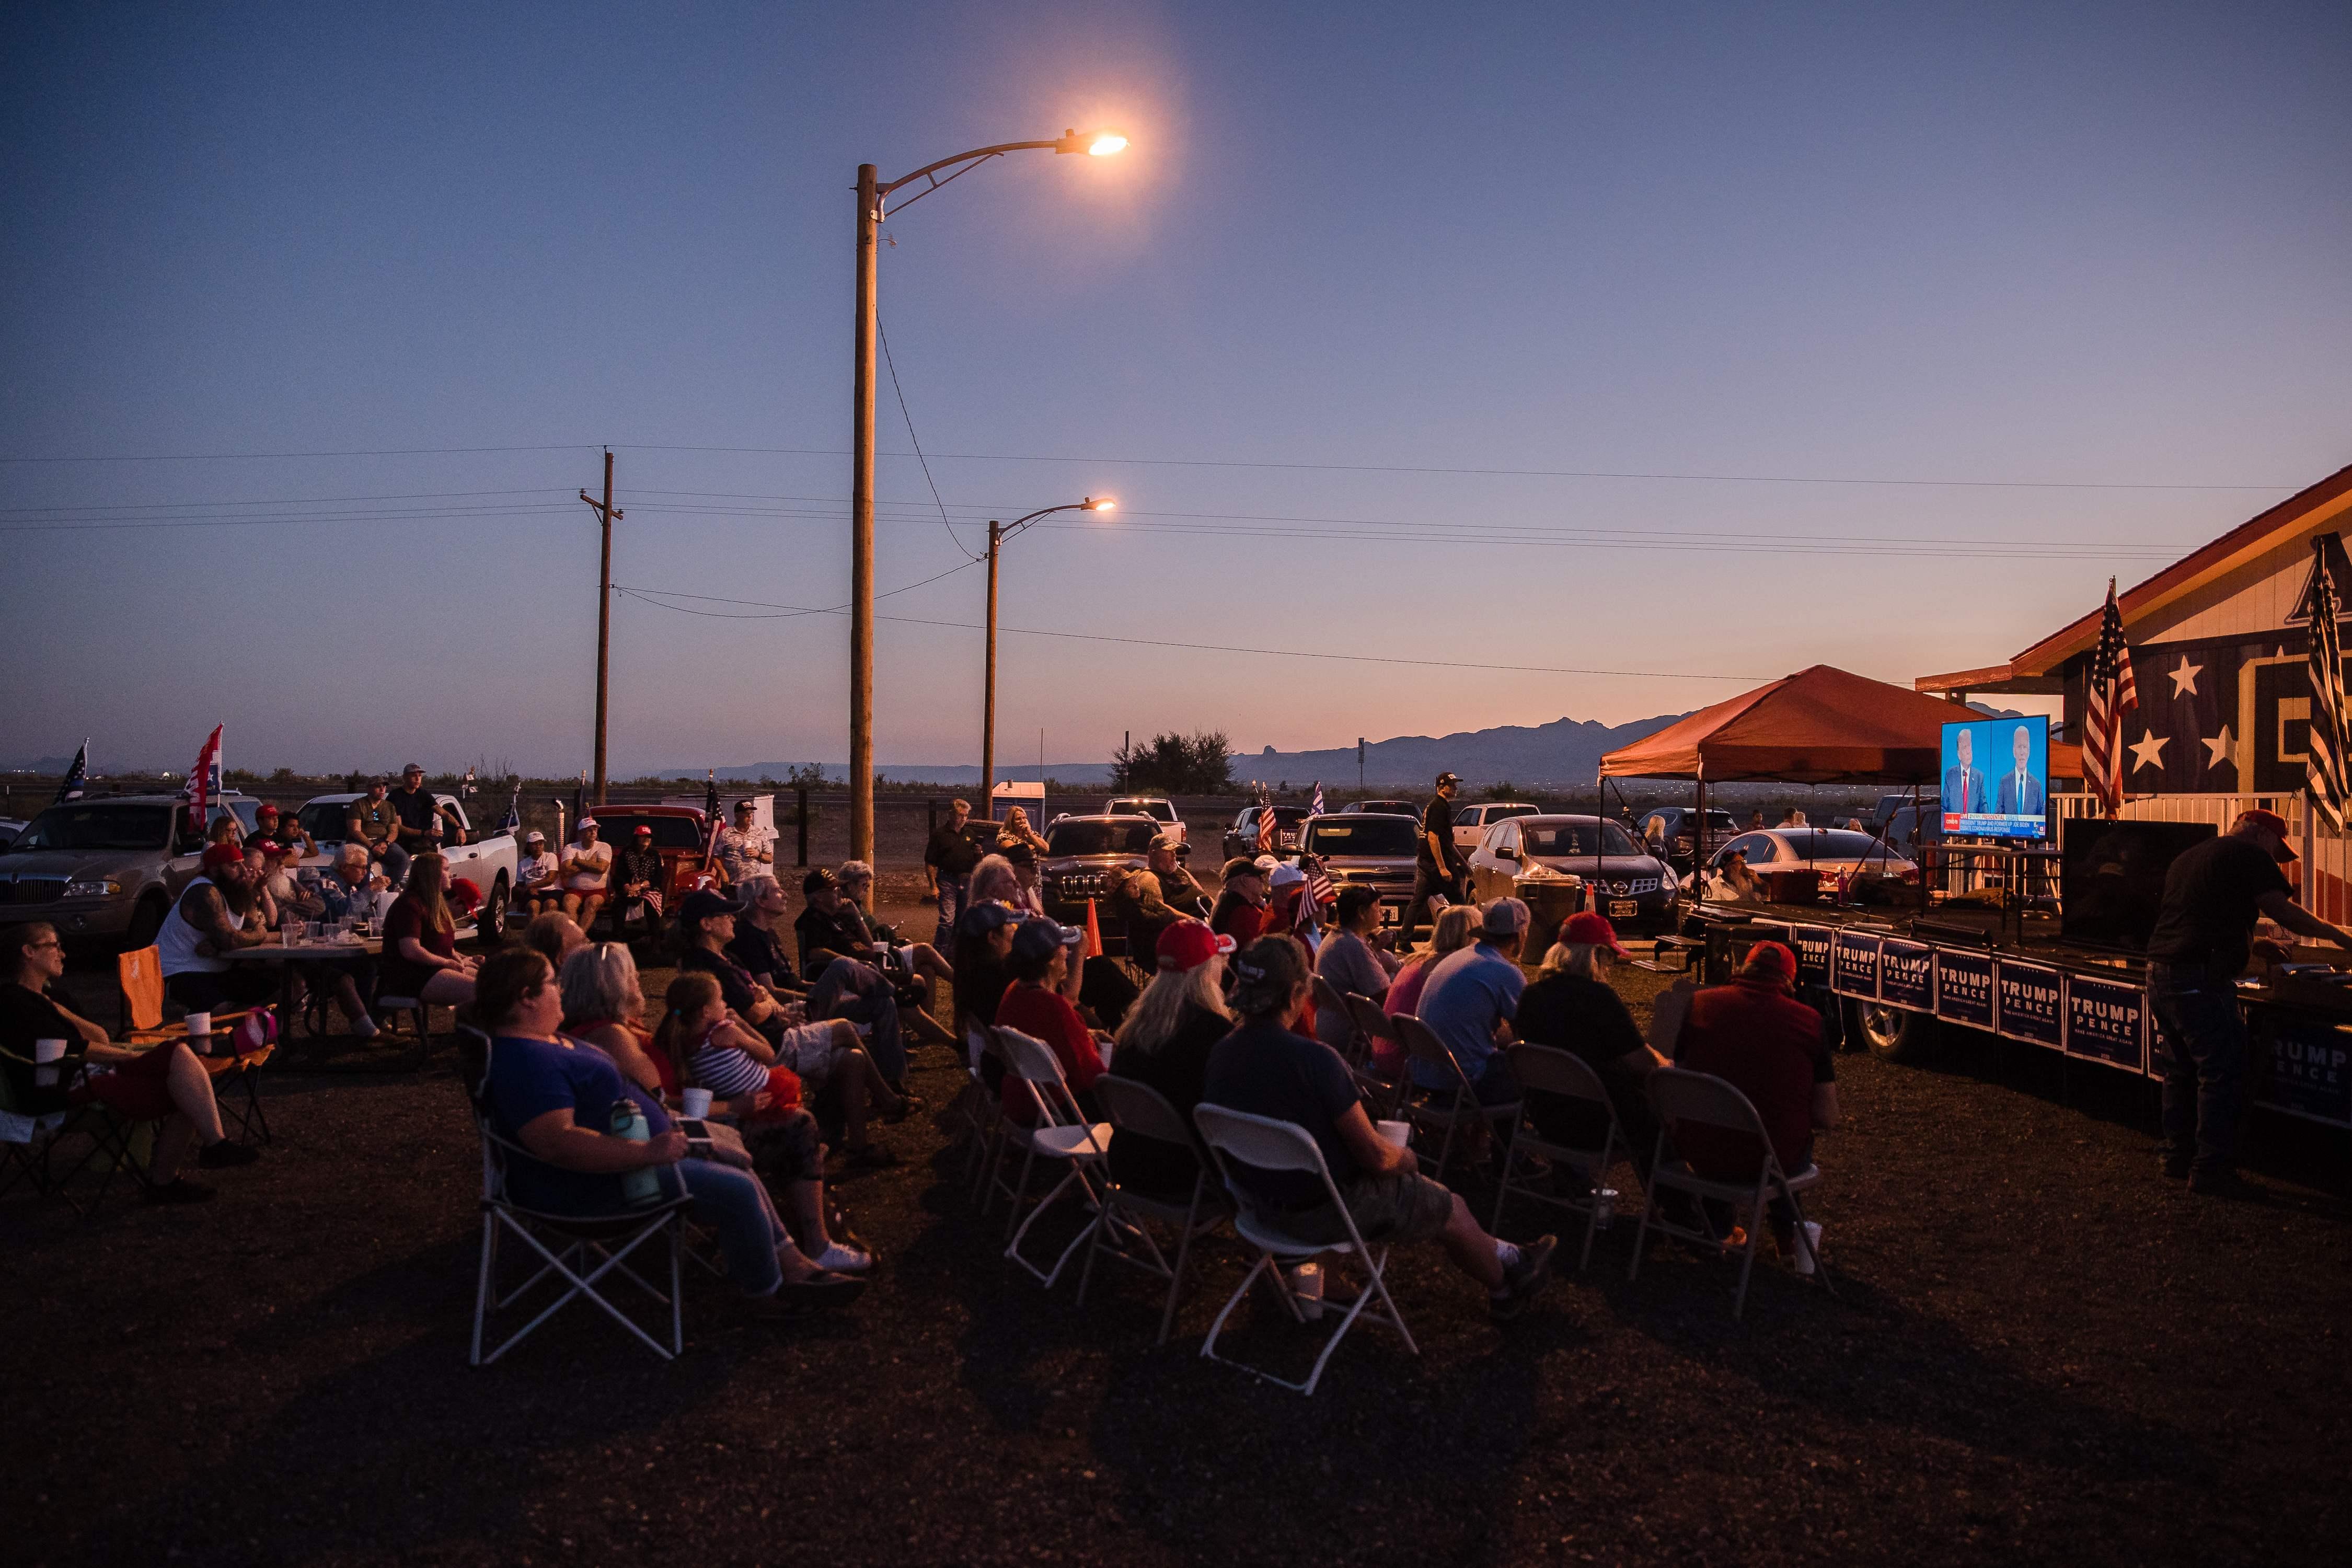 當地時間10月22日,人們聚集在亞利桑那州金谷舉行總統辯論觀察會時。(法新社)